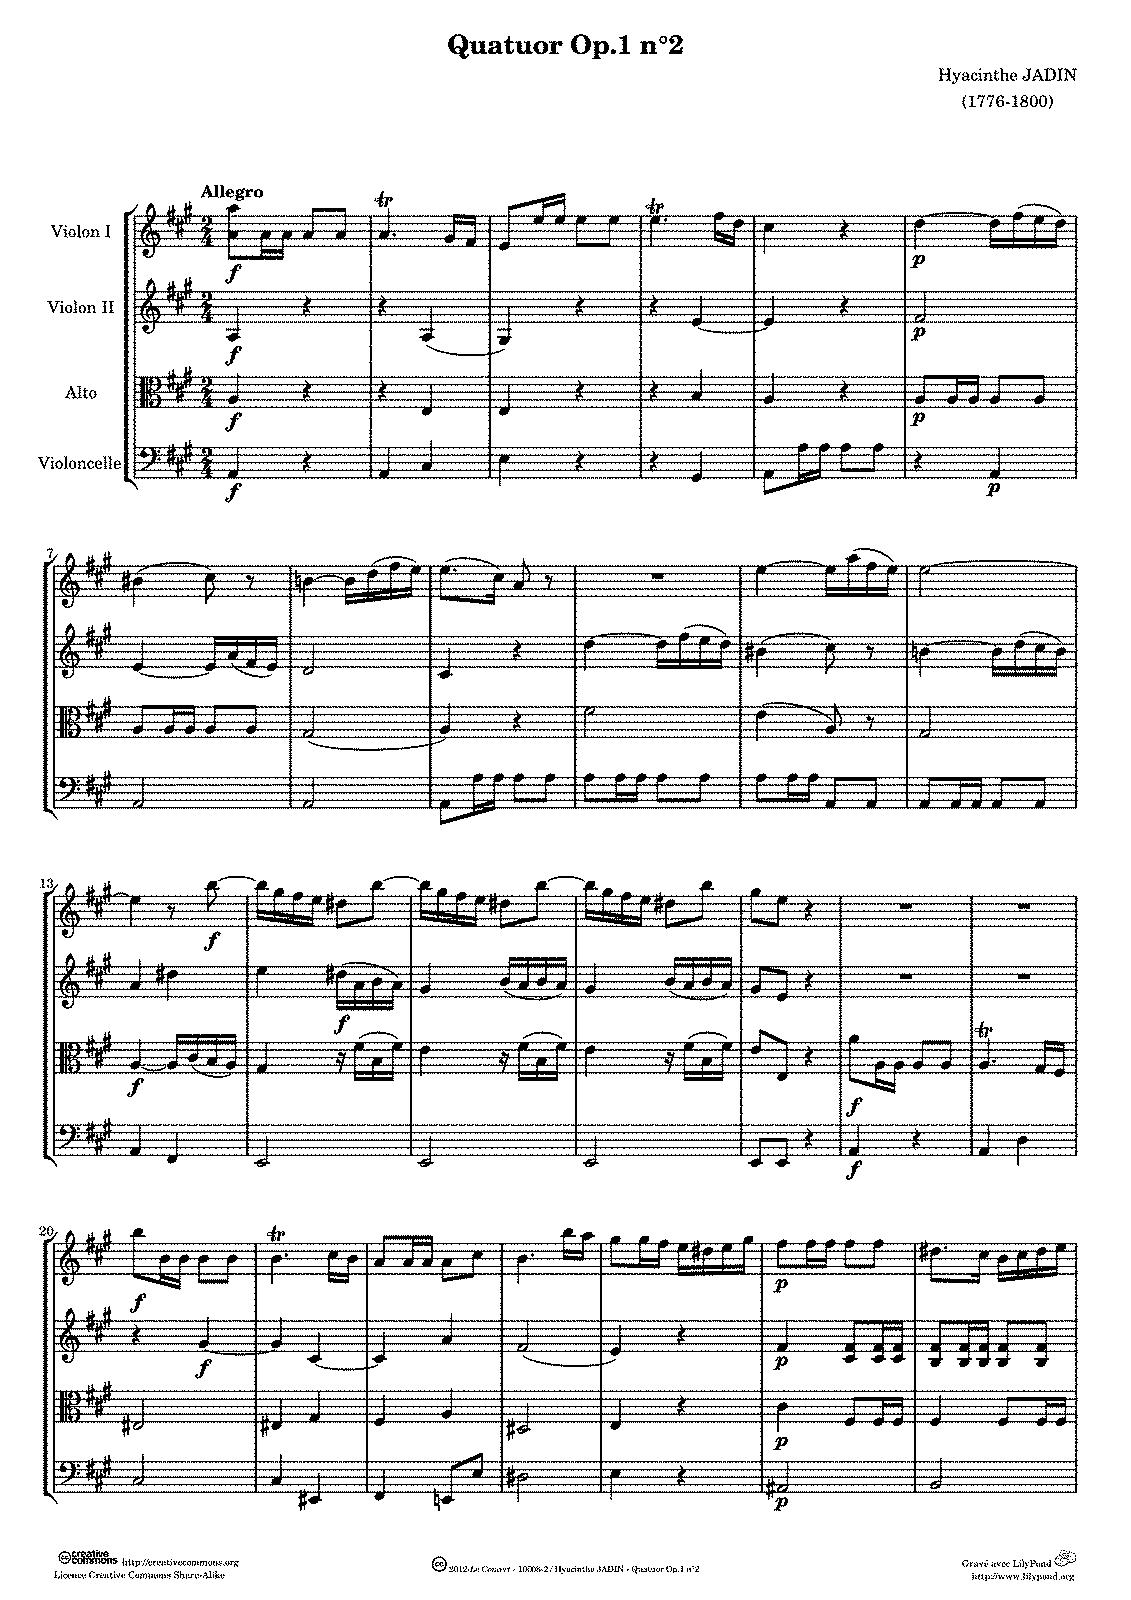 Jadin, op. 1 n. 2